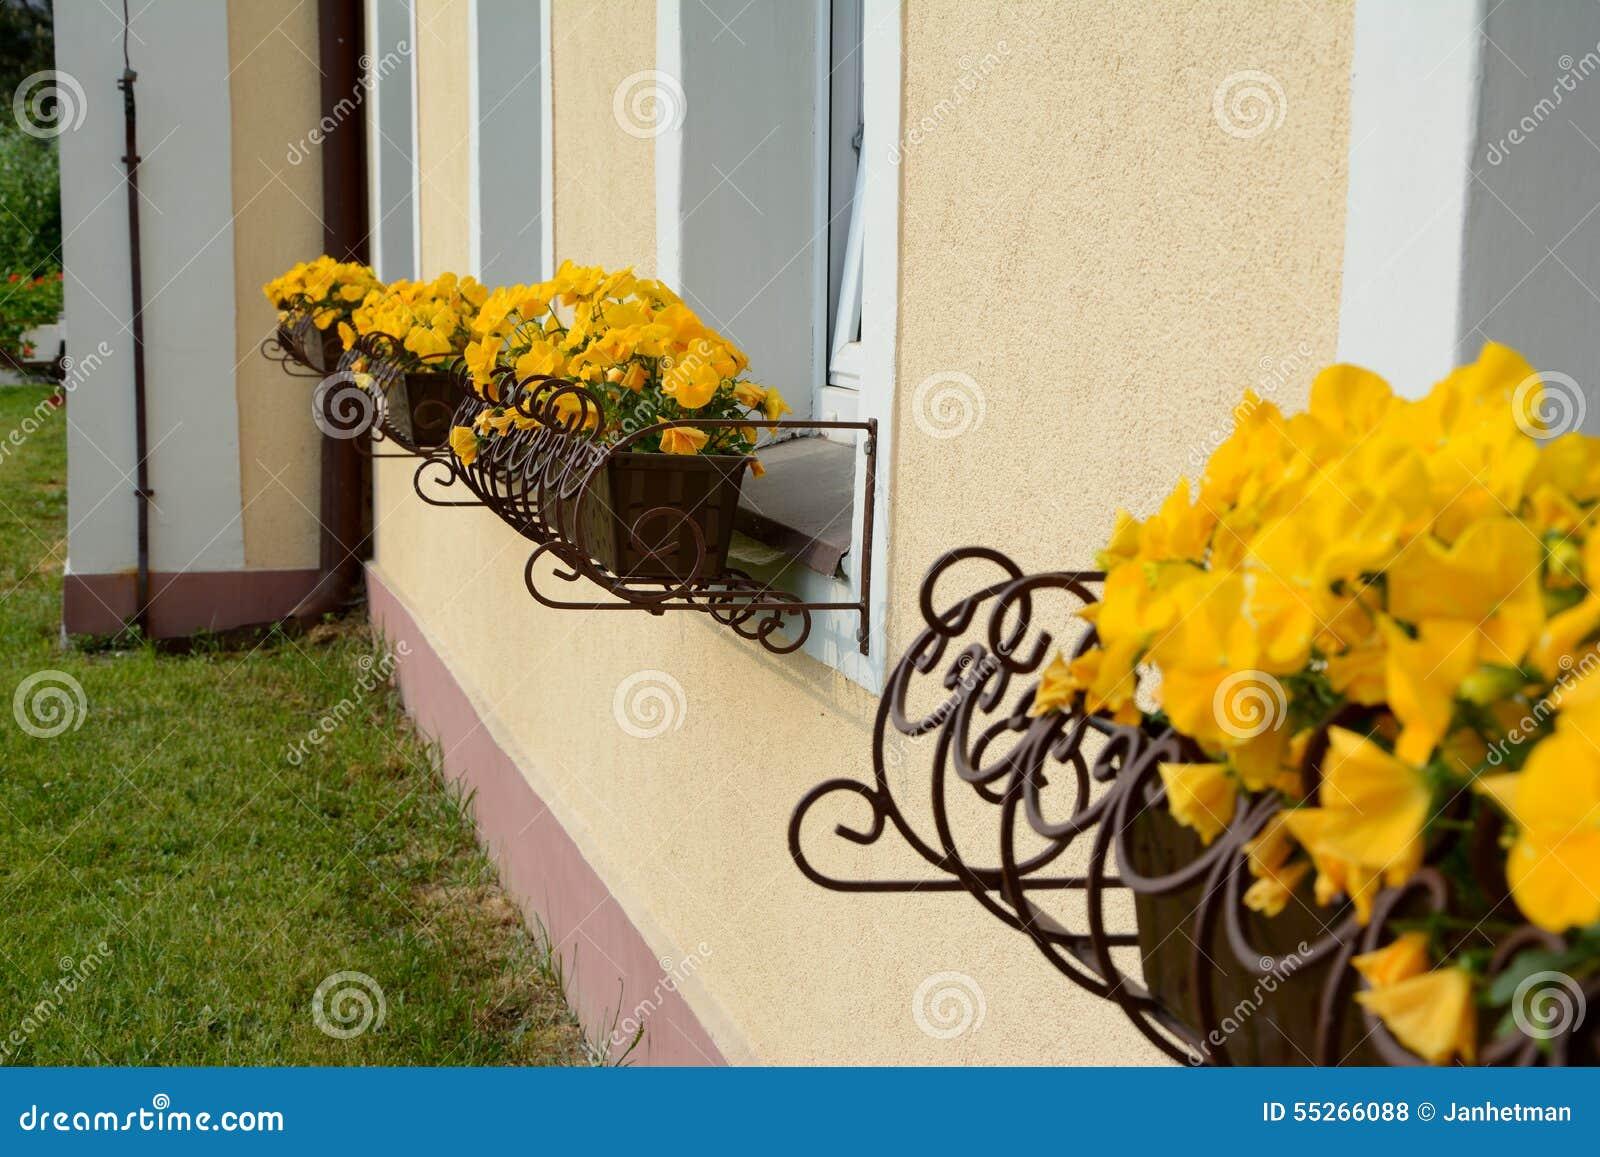 Fiori gialli in vasi della pianta alle finestre